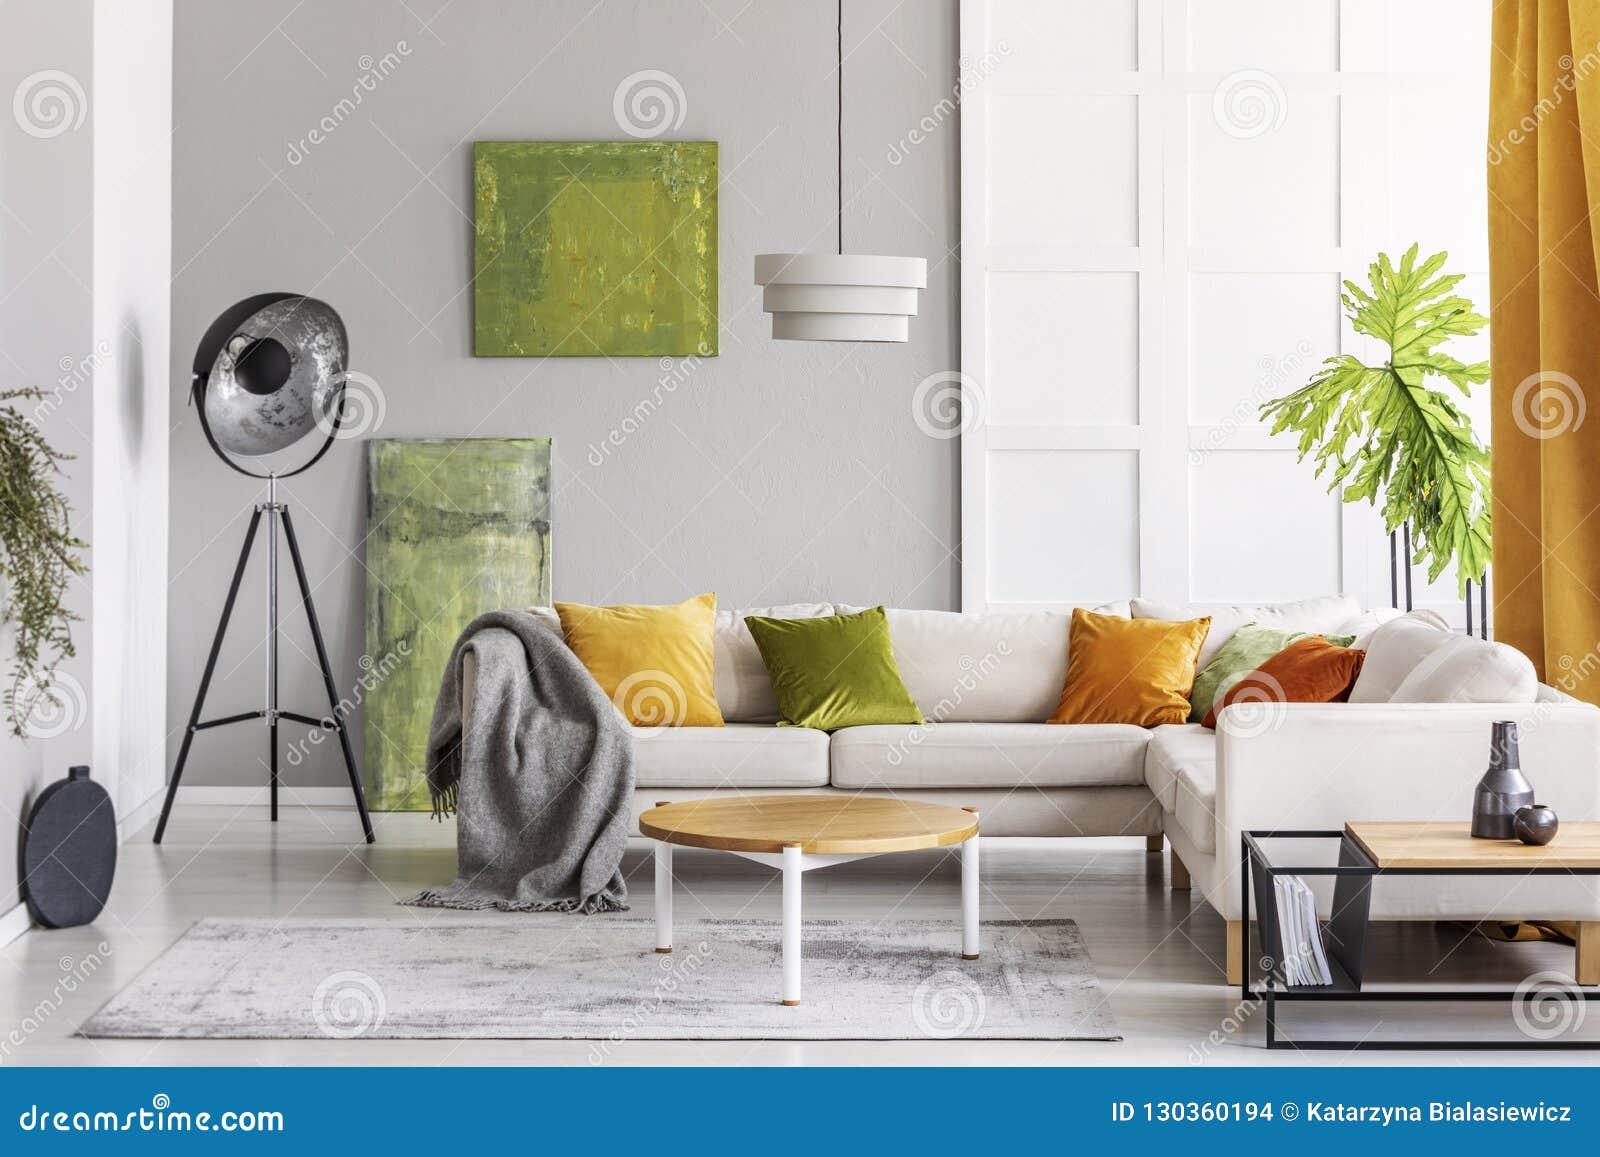 Malereien auf der Wand und der industriellen Lampe in der Ecke des eleganten Wohnzimmers Innen mit goldenen Kalkakzenten, wirklic